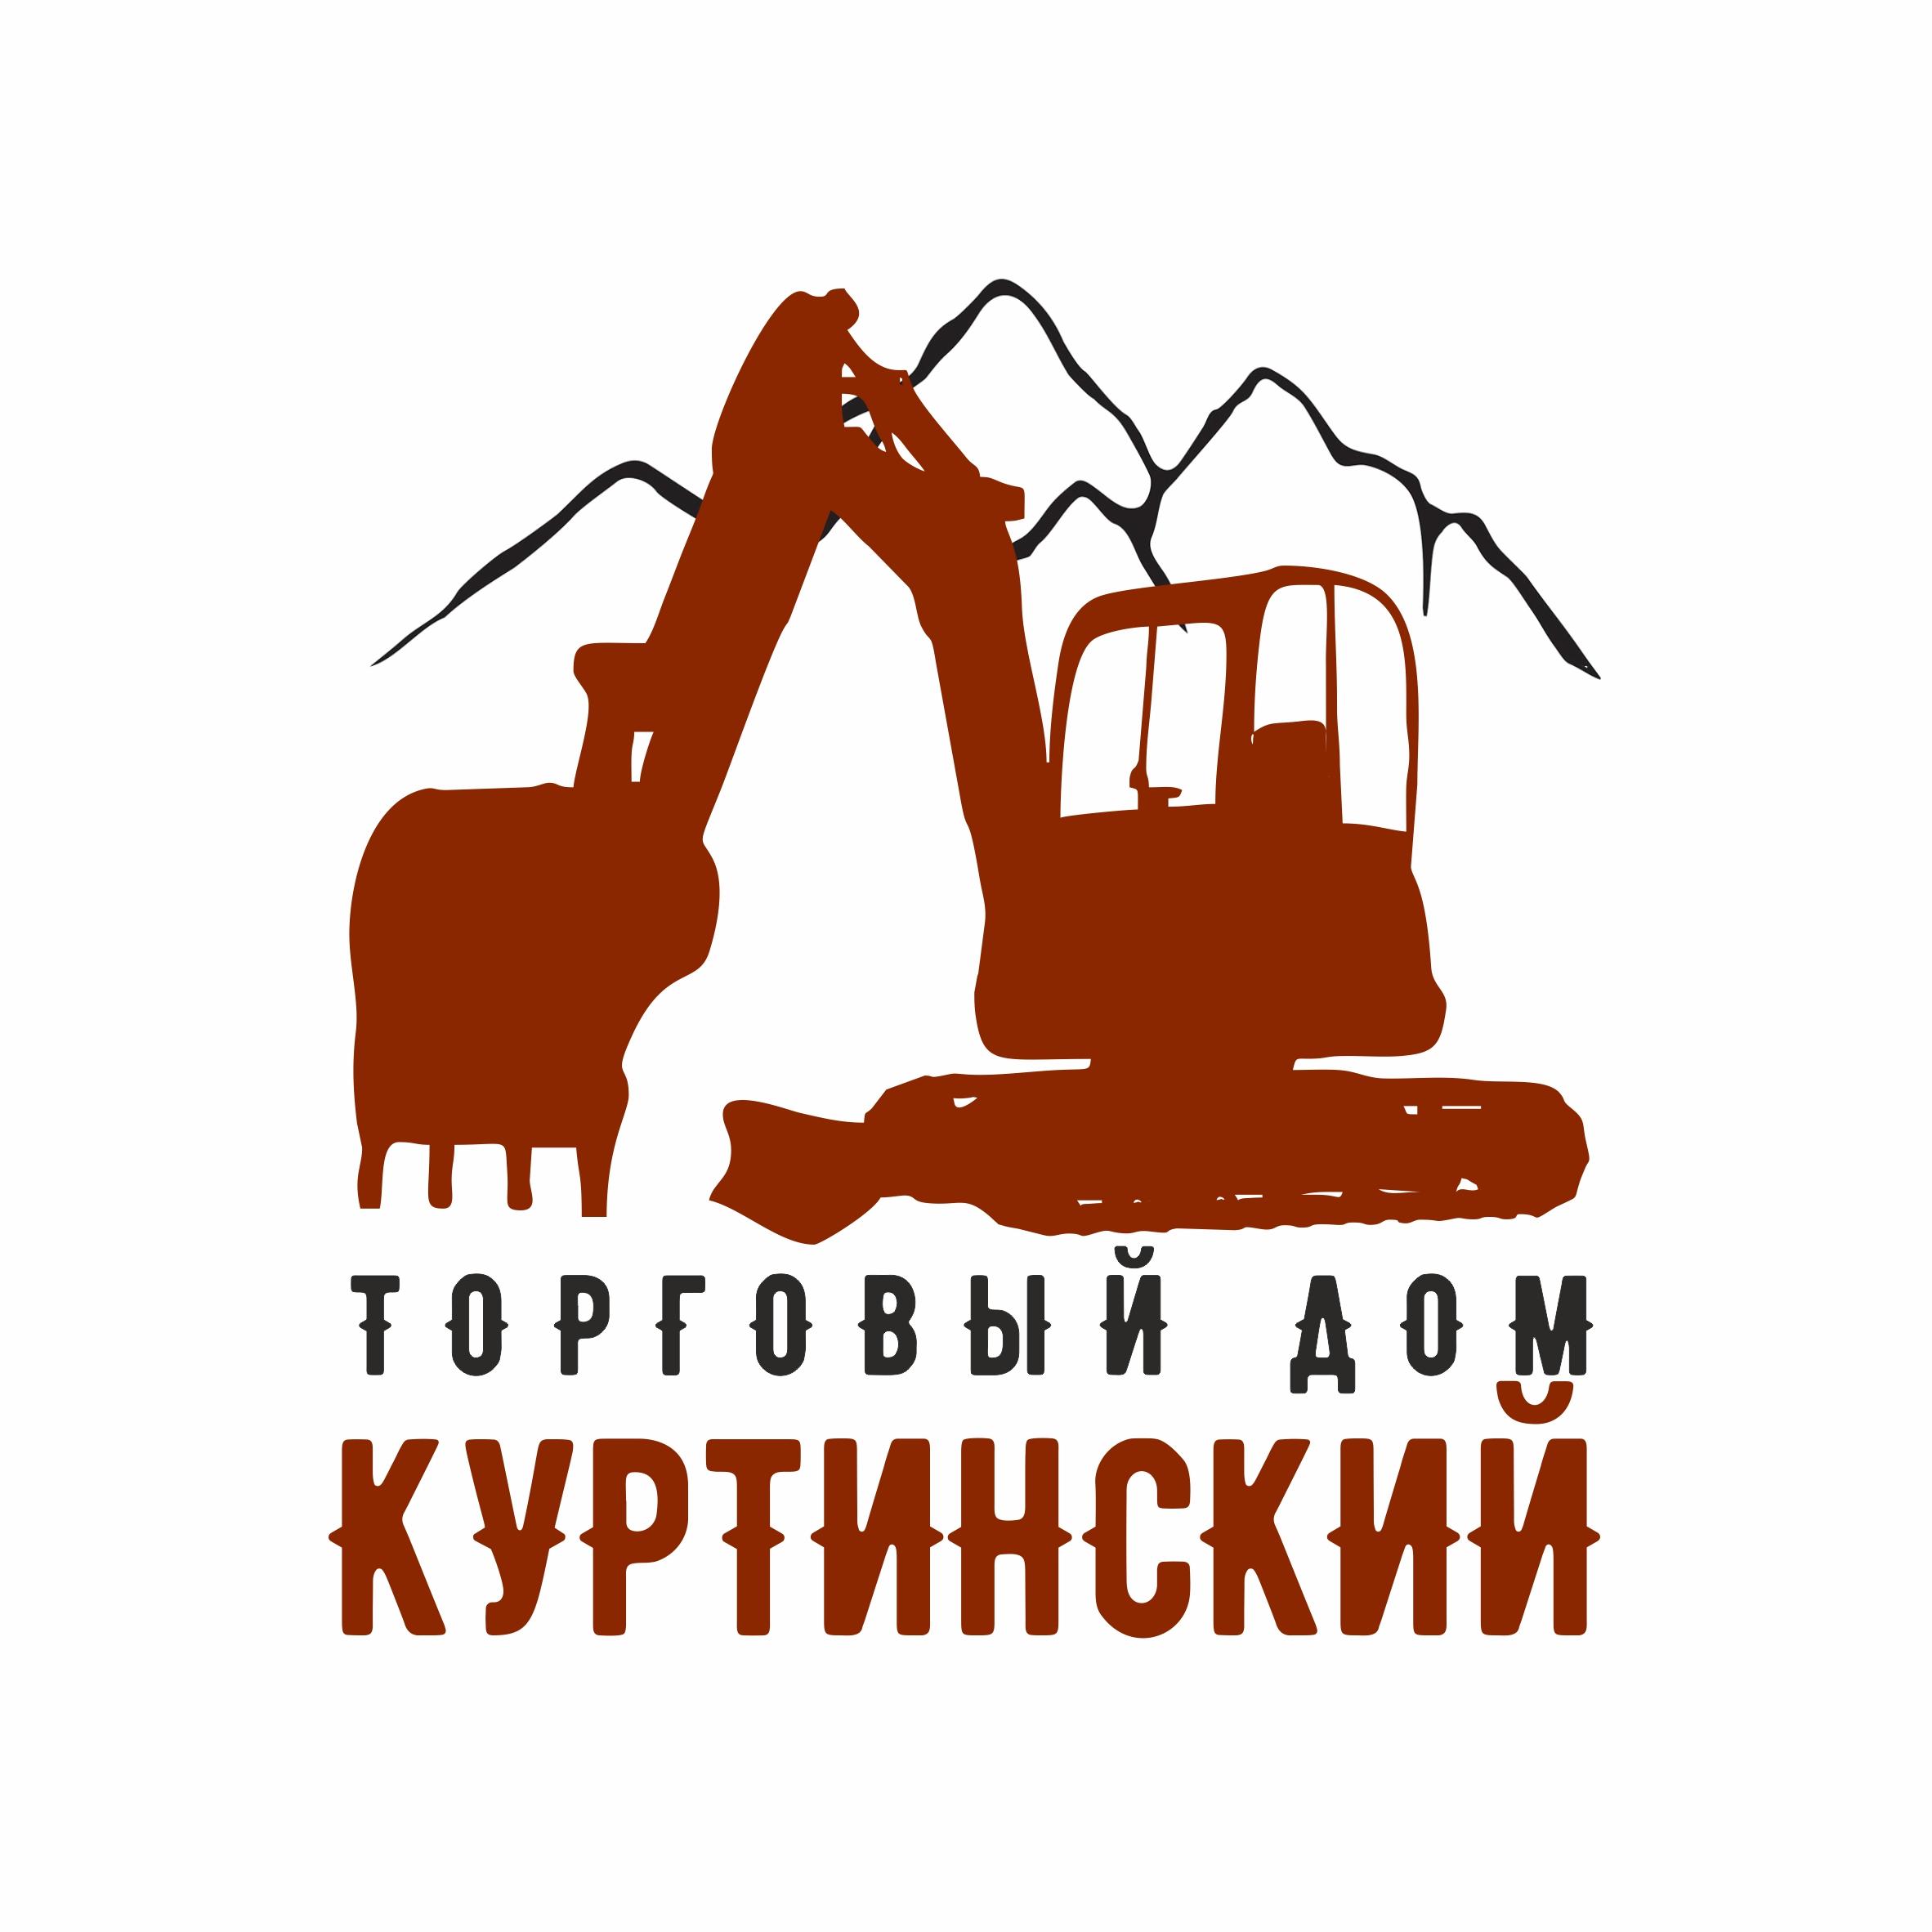 Логотип для камнедобывающей компании фото f_9315b9950b58db41.jpg